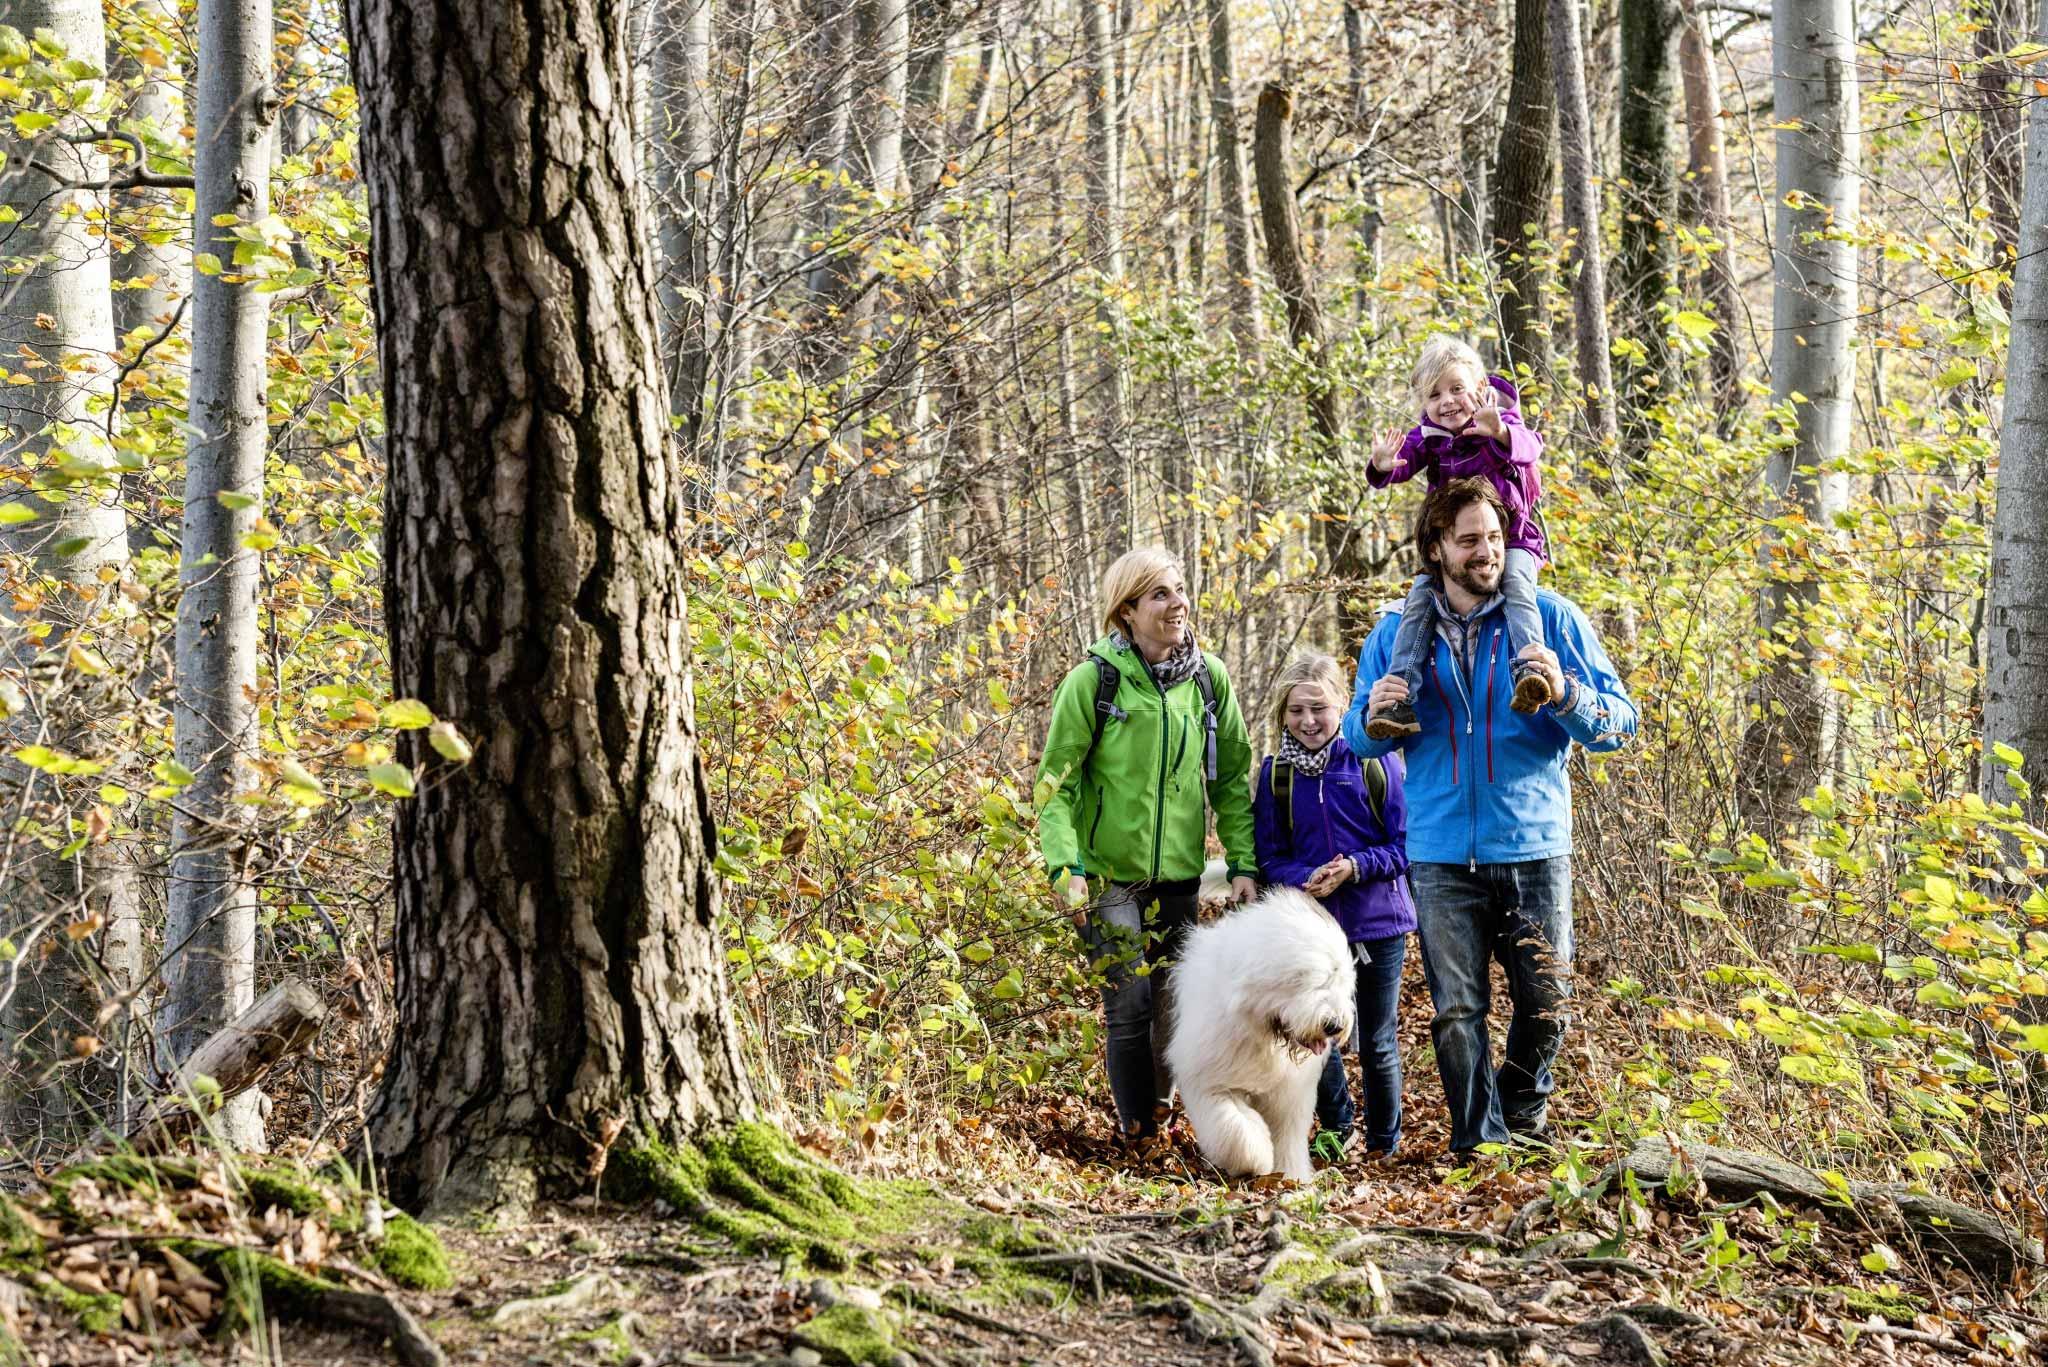 Waldspaziergang im Herbst mit der Familie